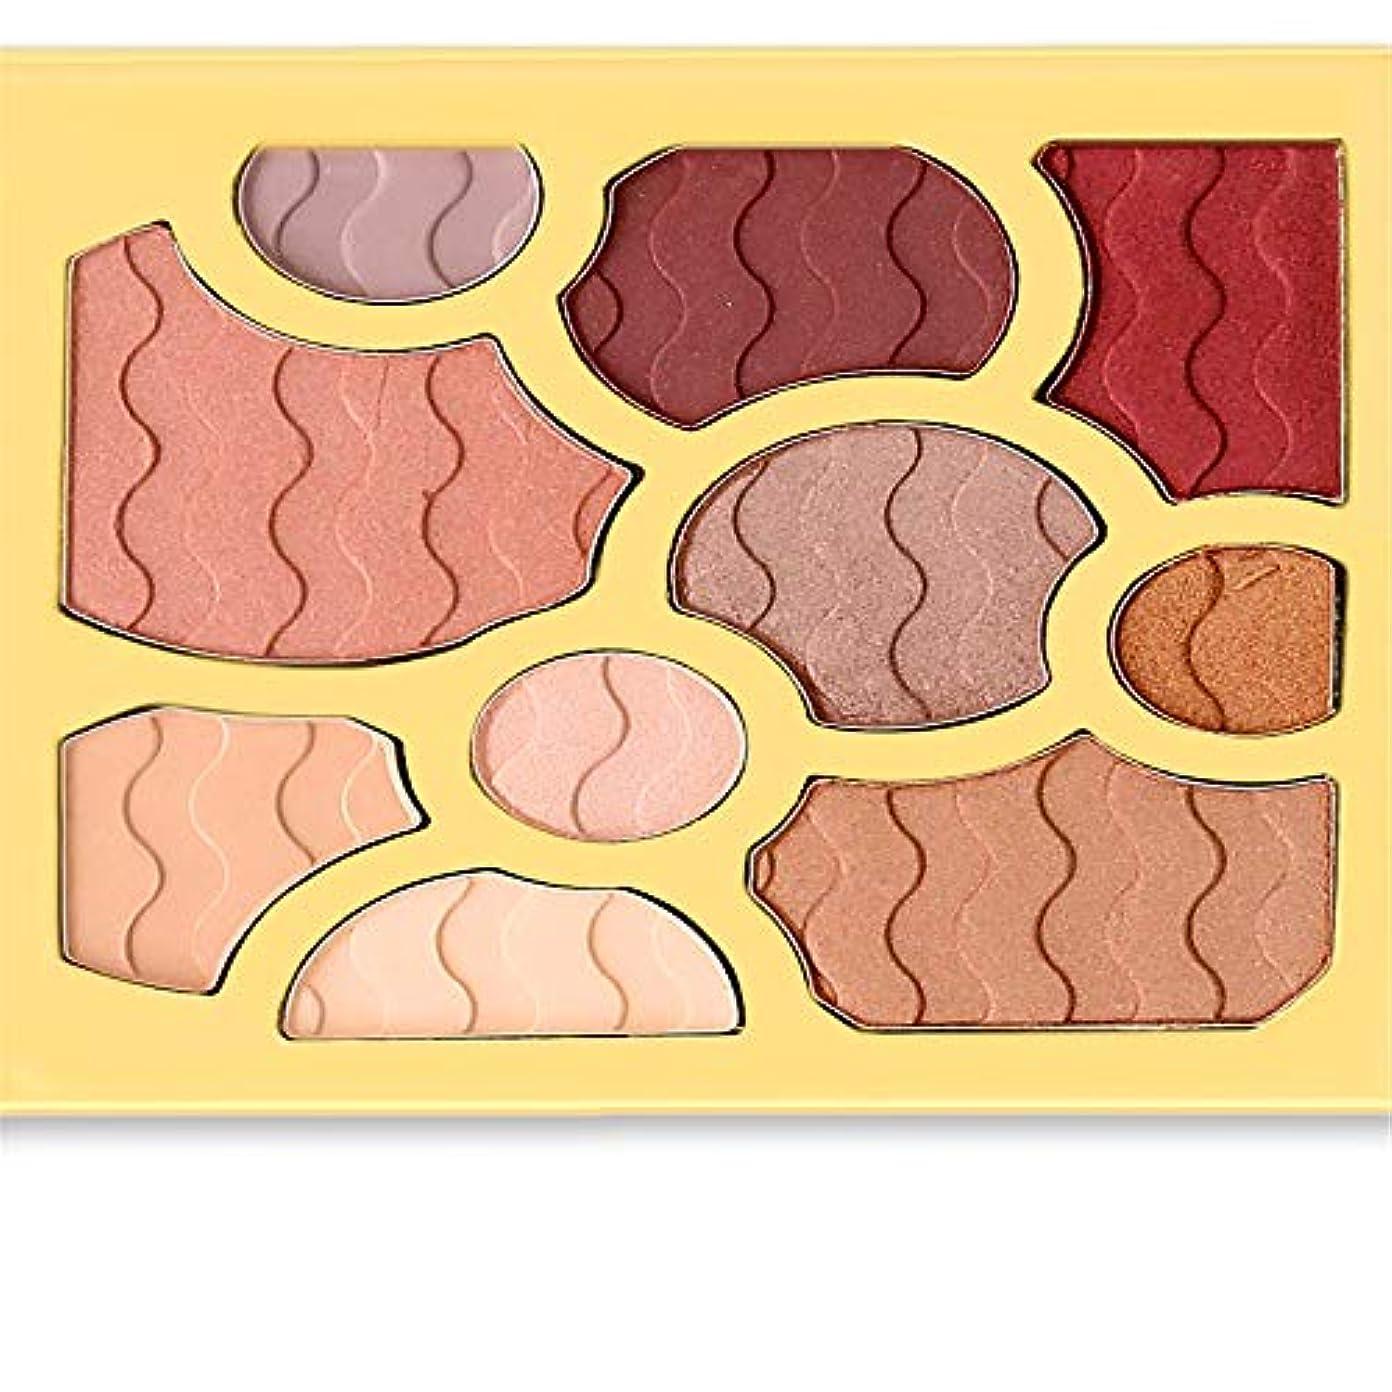 聖職者熱帯のレンズ10色アイシャドウワインレッドプレートアイシャドウパウダーマット化粧品メイク